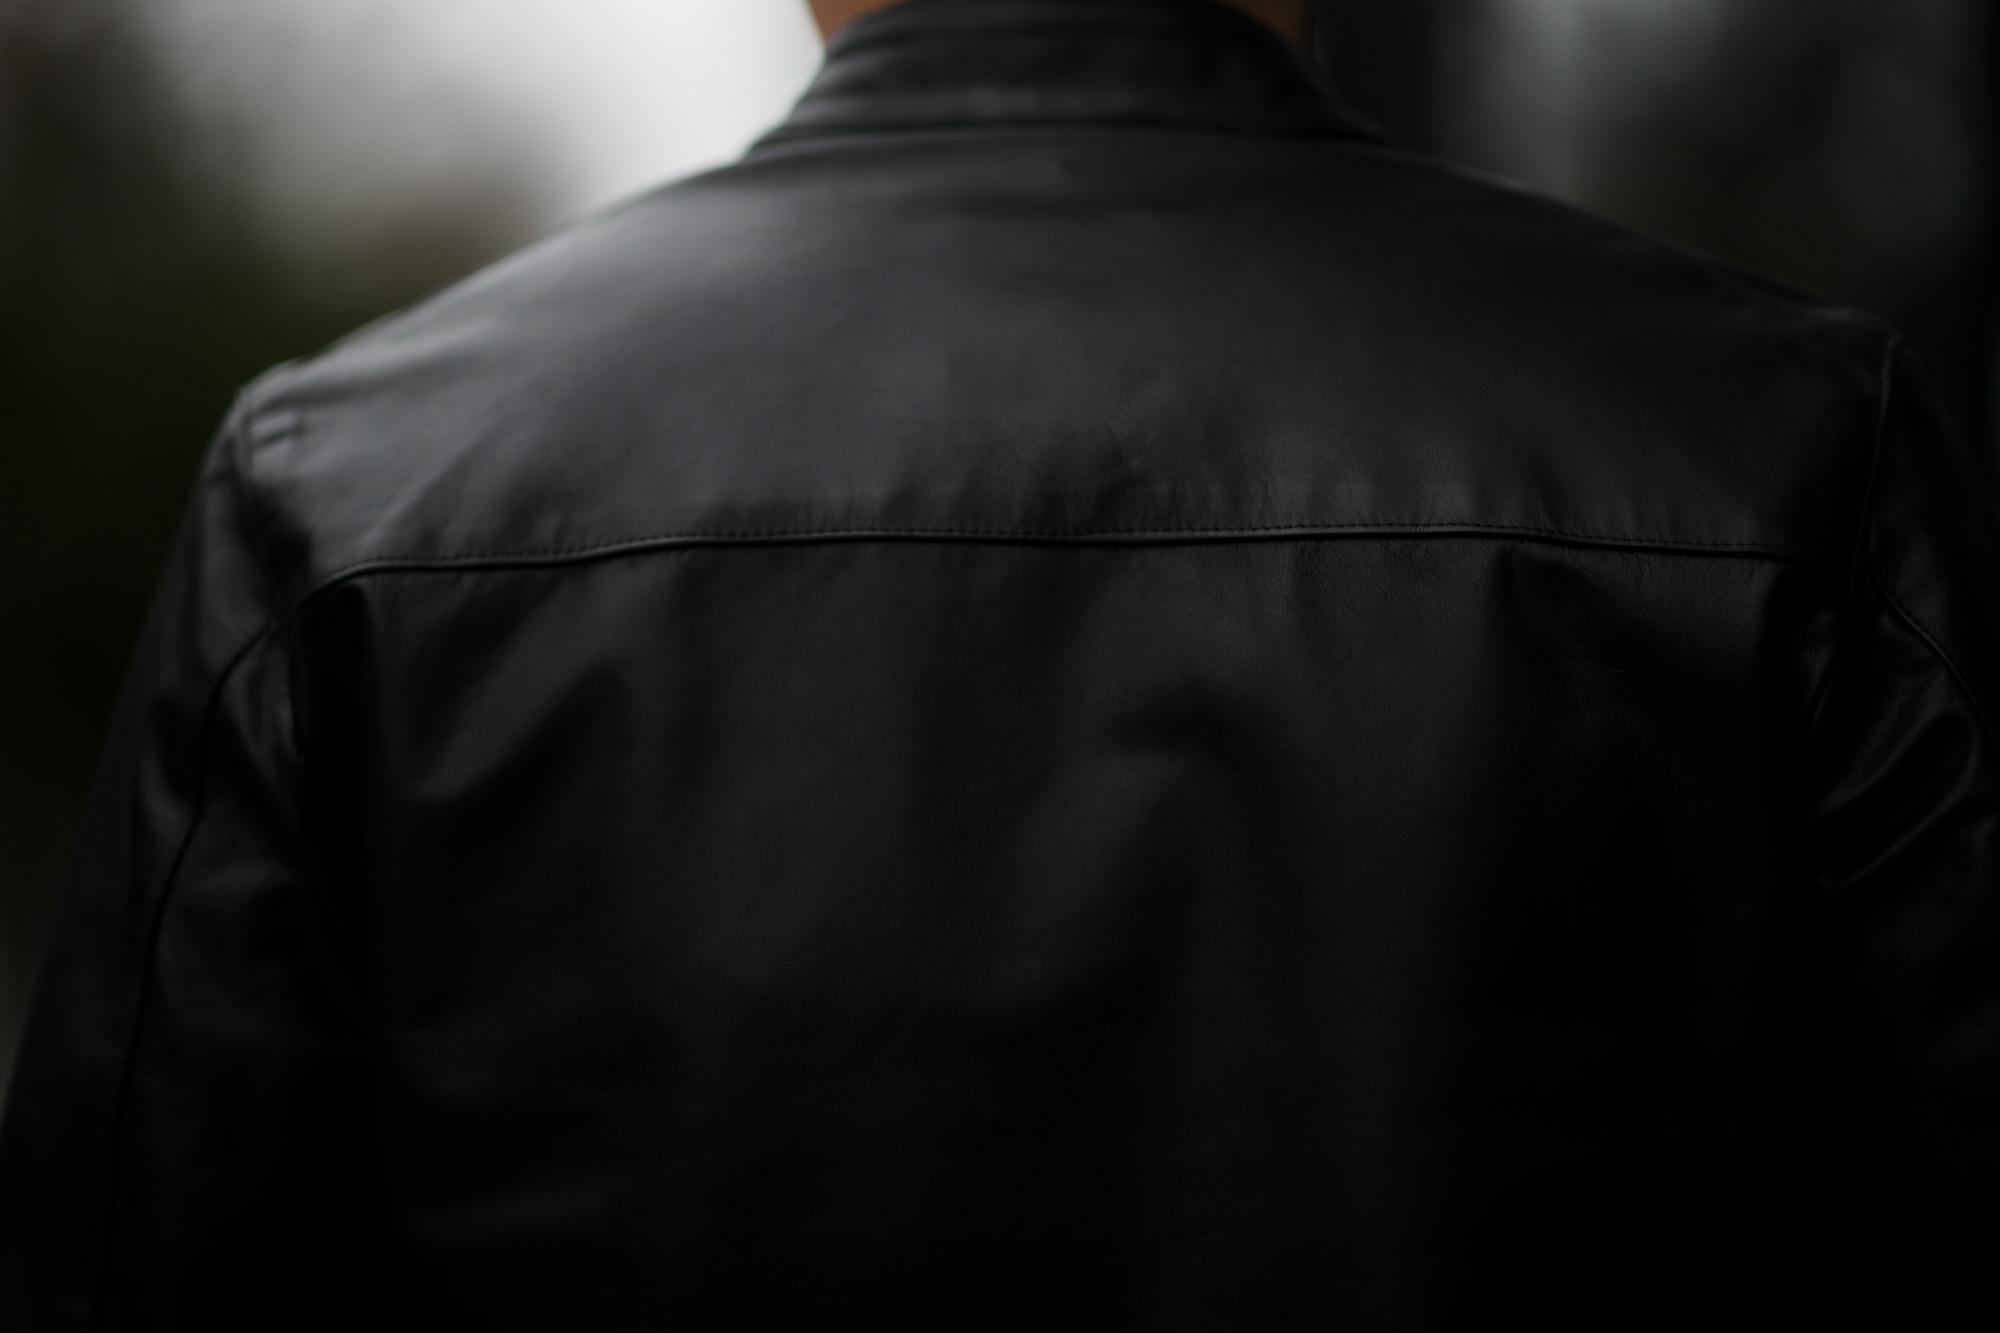 CINQUANTA(チンクアンタ) H502 STAND COLLAR RIDERS CAVALLO (スタンド カラー ジャケット) HORSE LEATHER ホースレザー シングル ライダース ジャケット BLACK GOLD (ブラック ゴールド・999) Made in italy (イタリア製) 2019 秋冬 【第1便ご予約受付中】 cinquanta チンクアンタ レザージャケット 愛知 名古屋 Alto e Diritto アルト エ デリット アルトエデリット